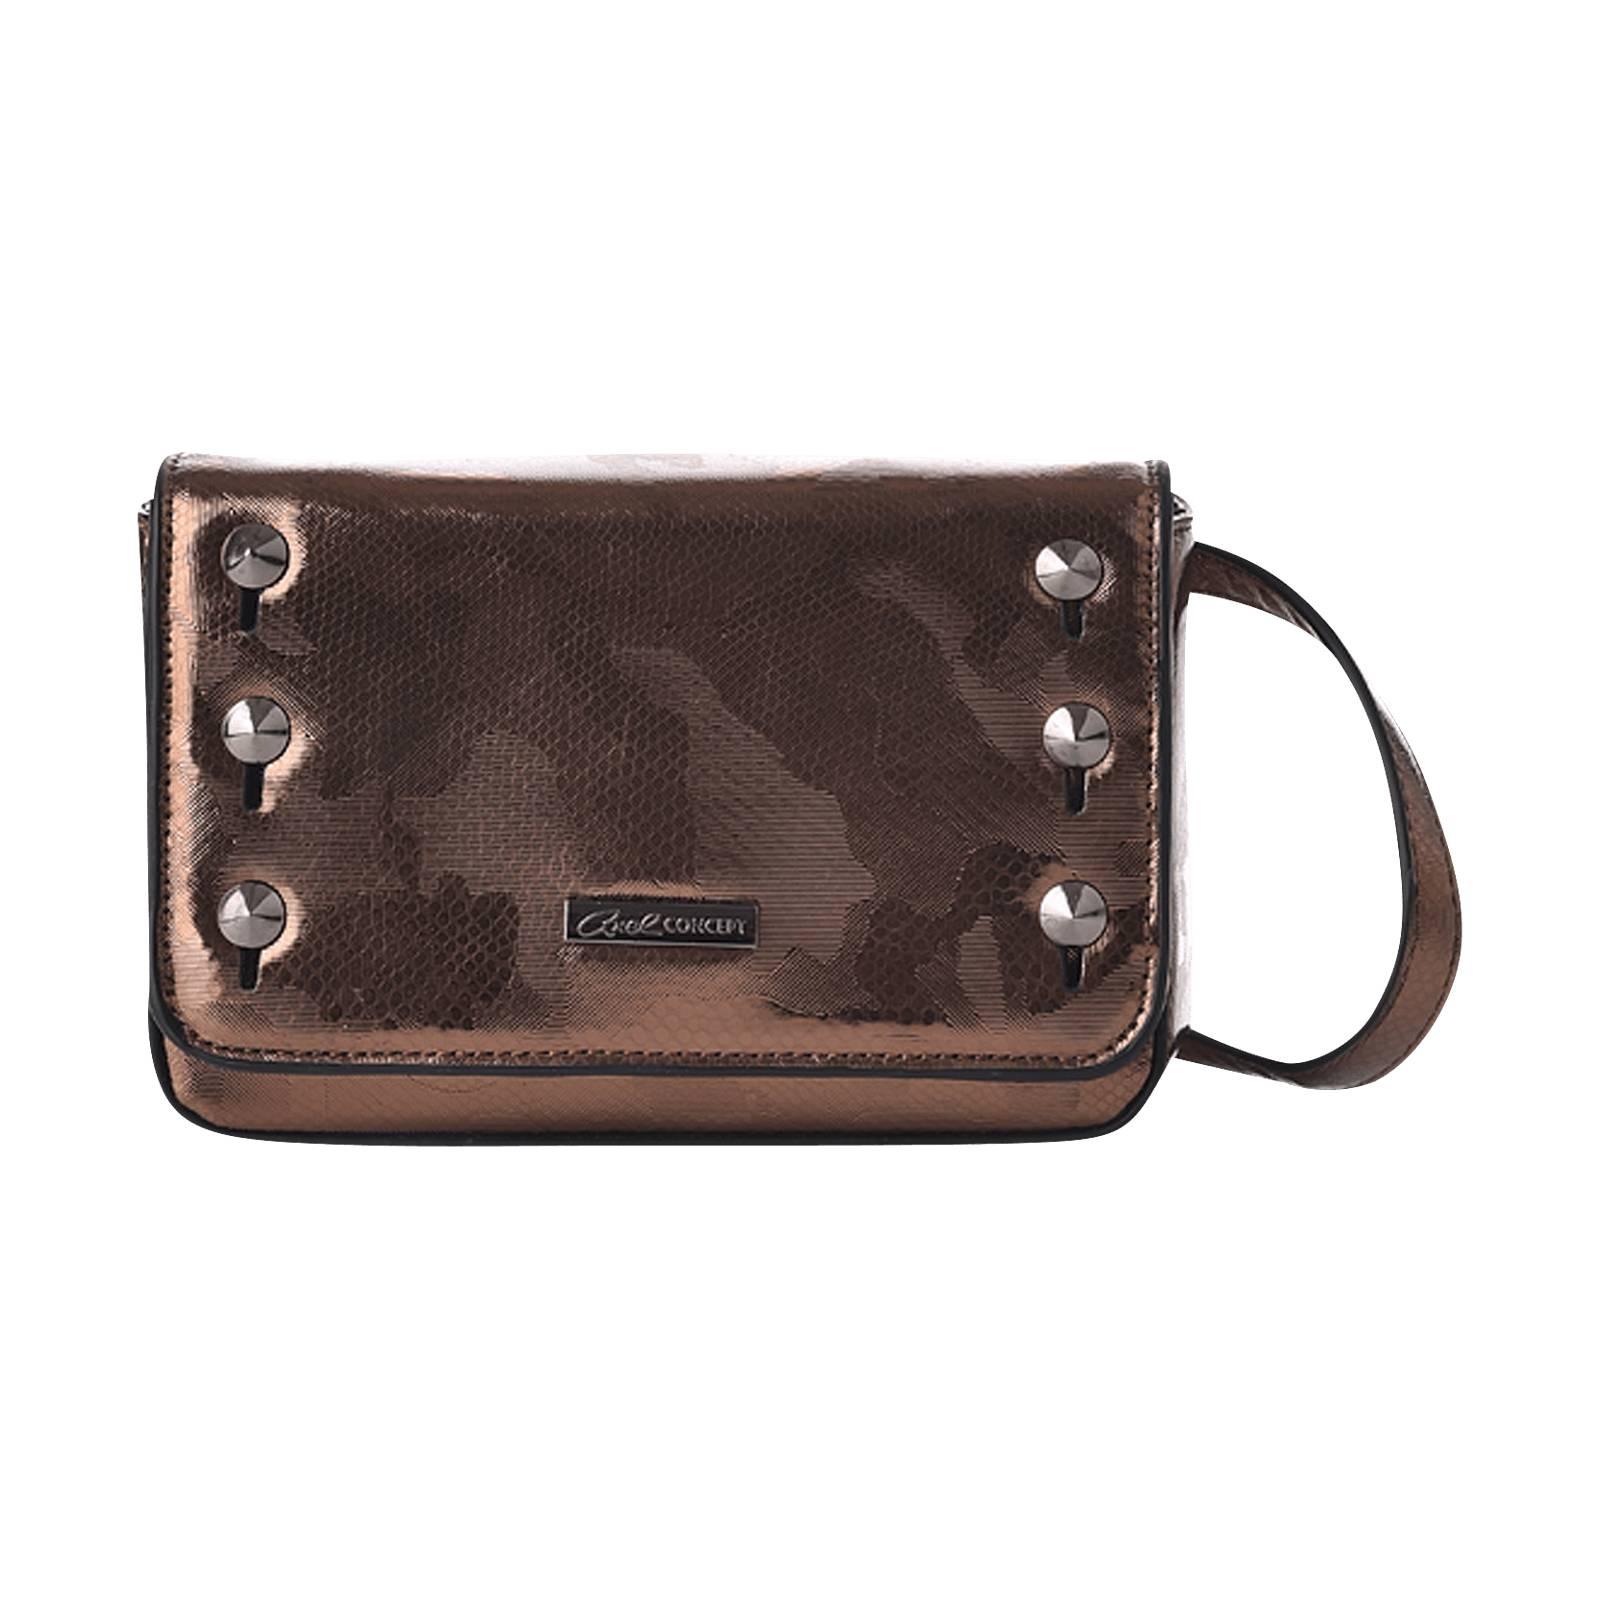 Carolyn - Axel Concept Women s Handbag made of synthetic leather ... 0ec2e82259c